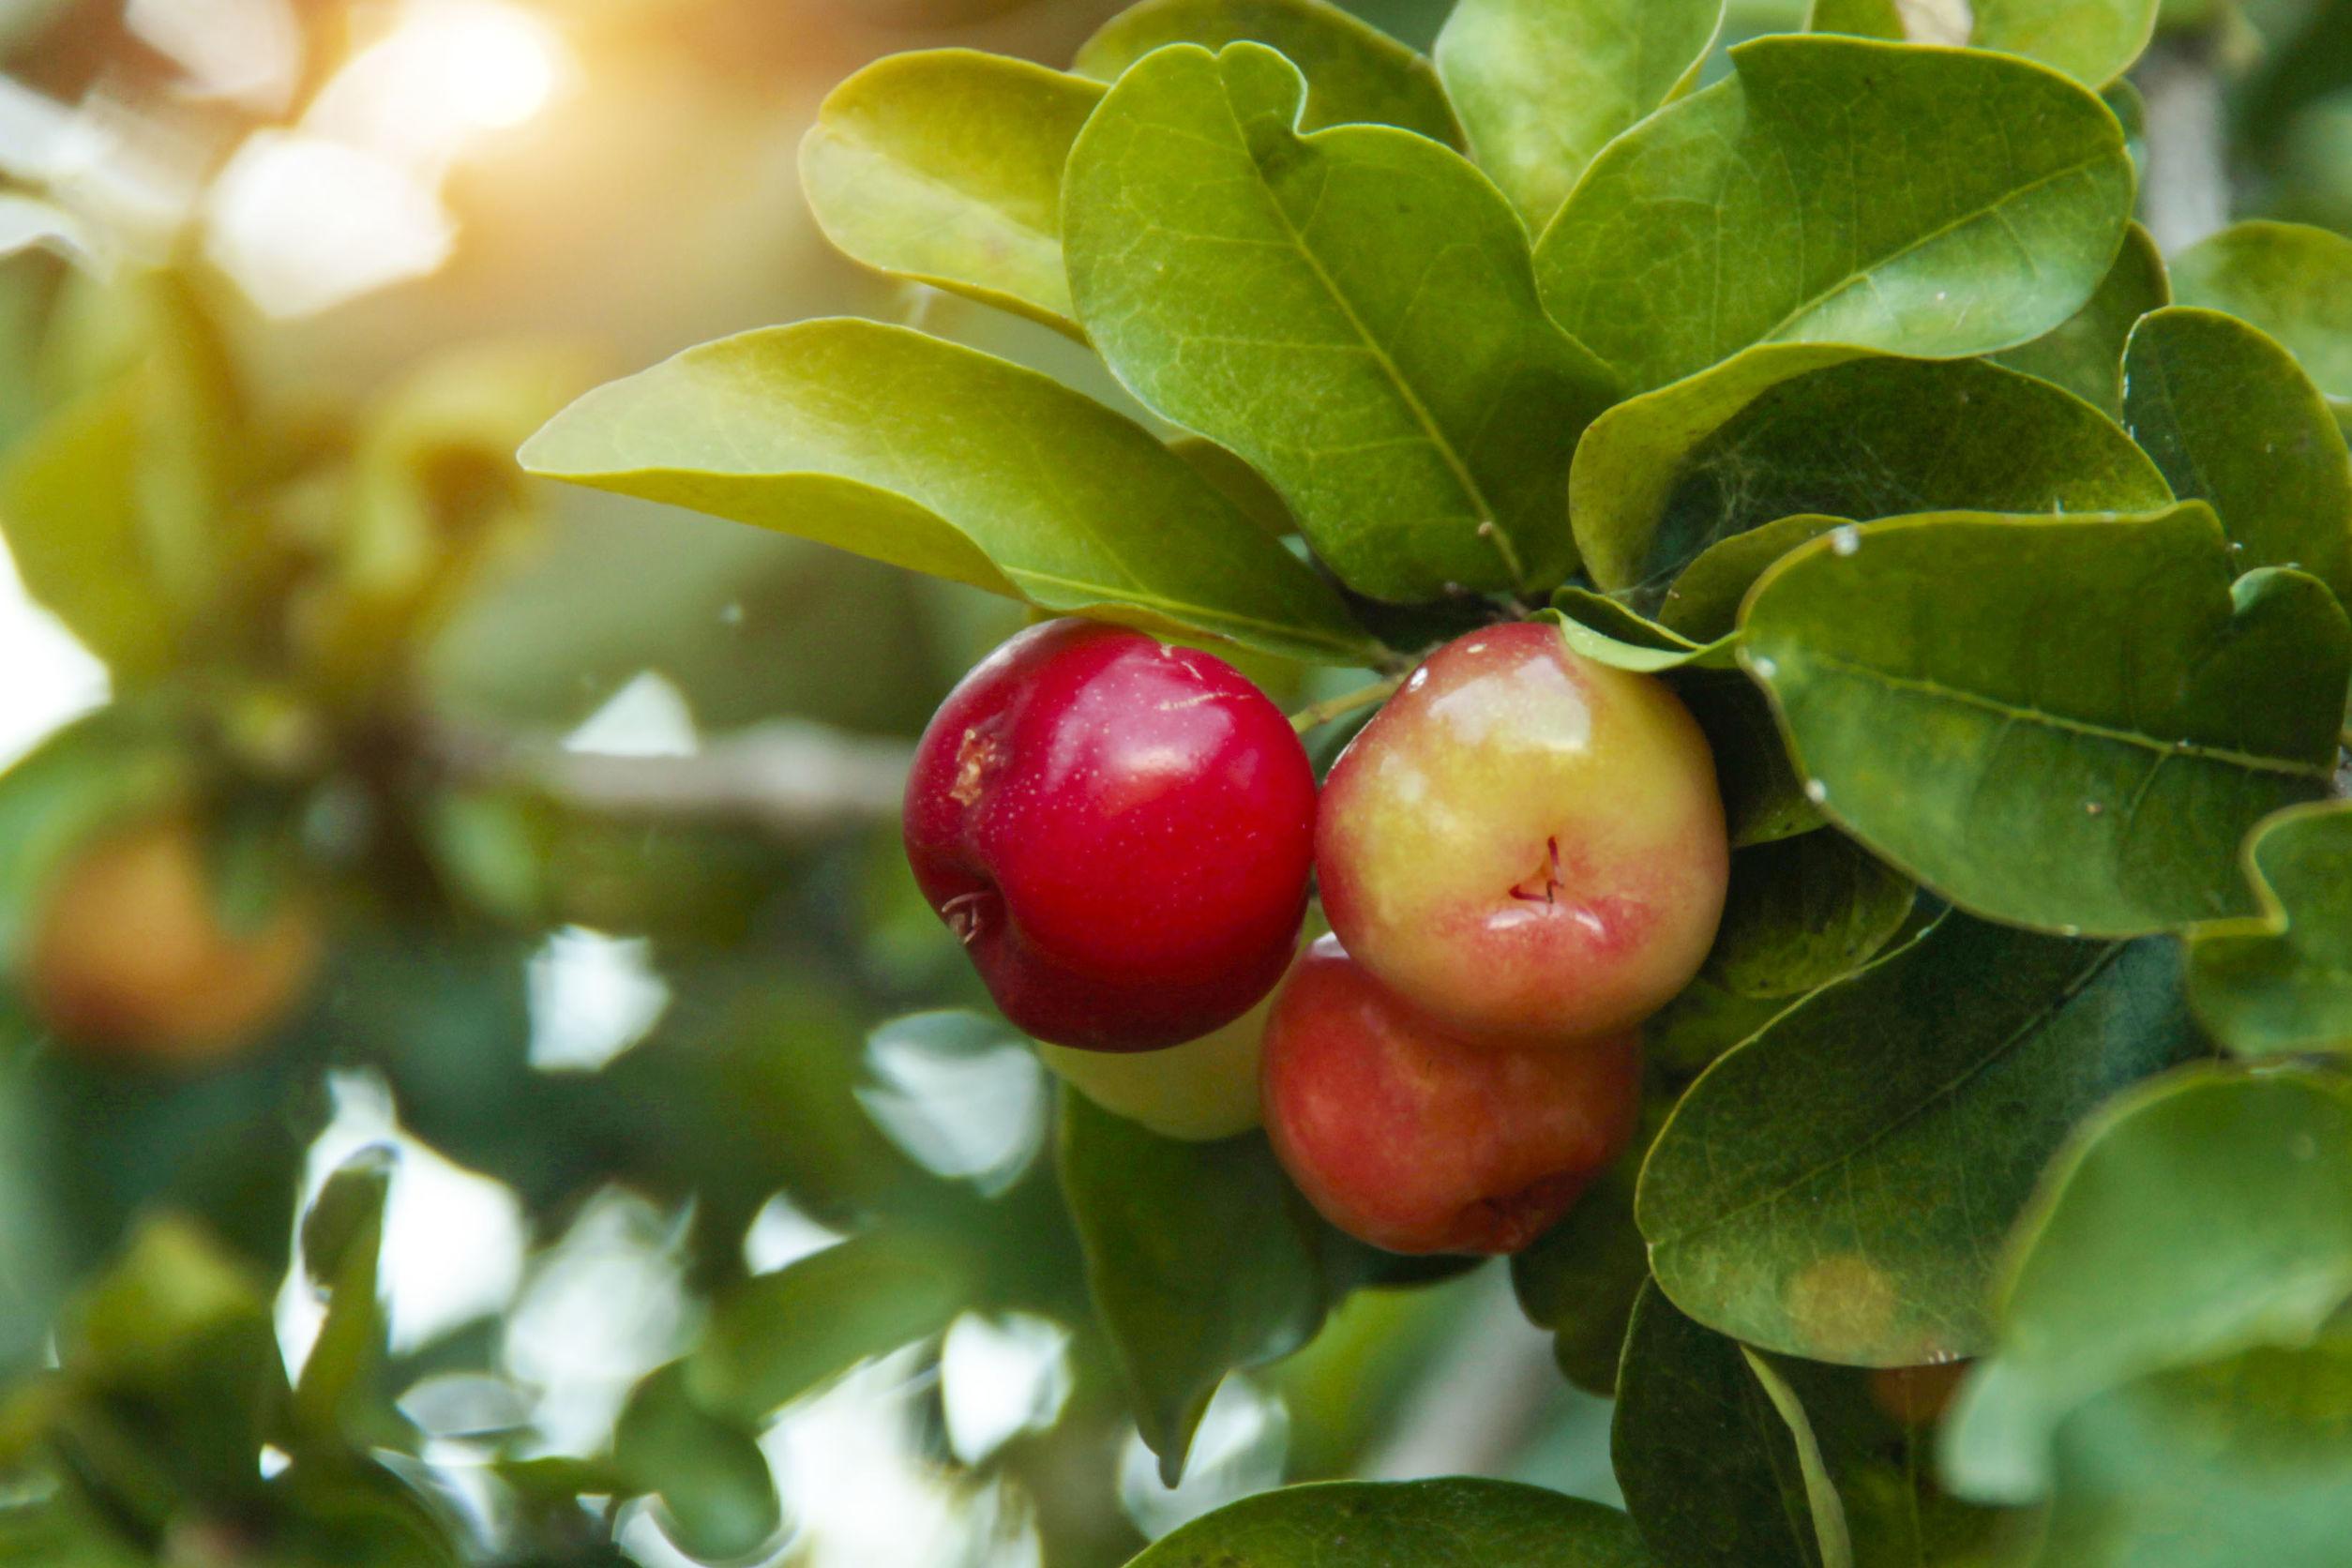 Cereza acerola orgánica fresca en el árbol, frutas ricas en vitaminas y antioxidantes.